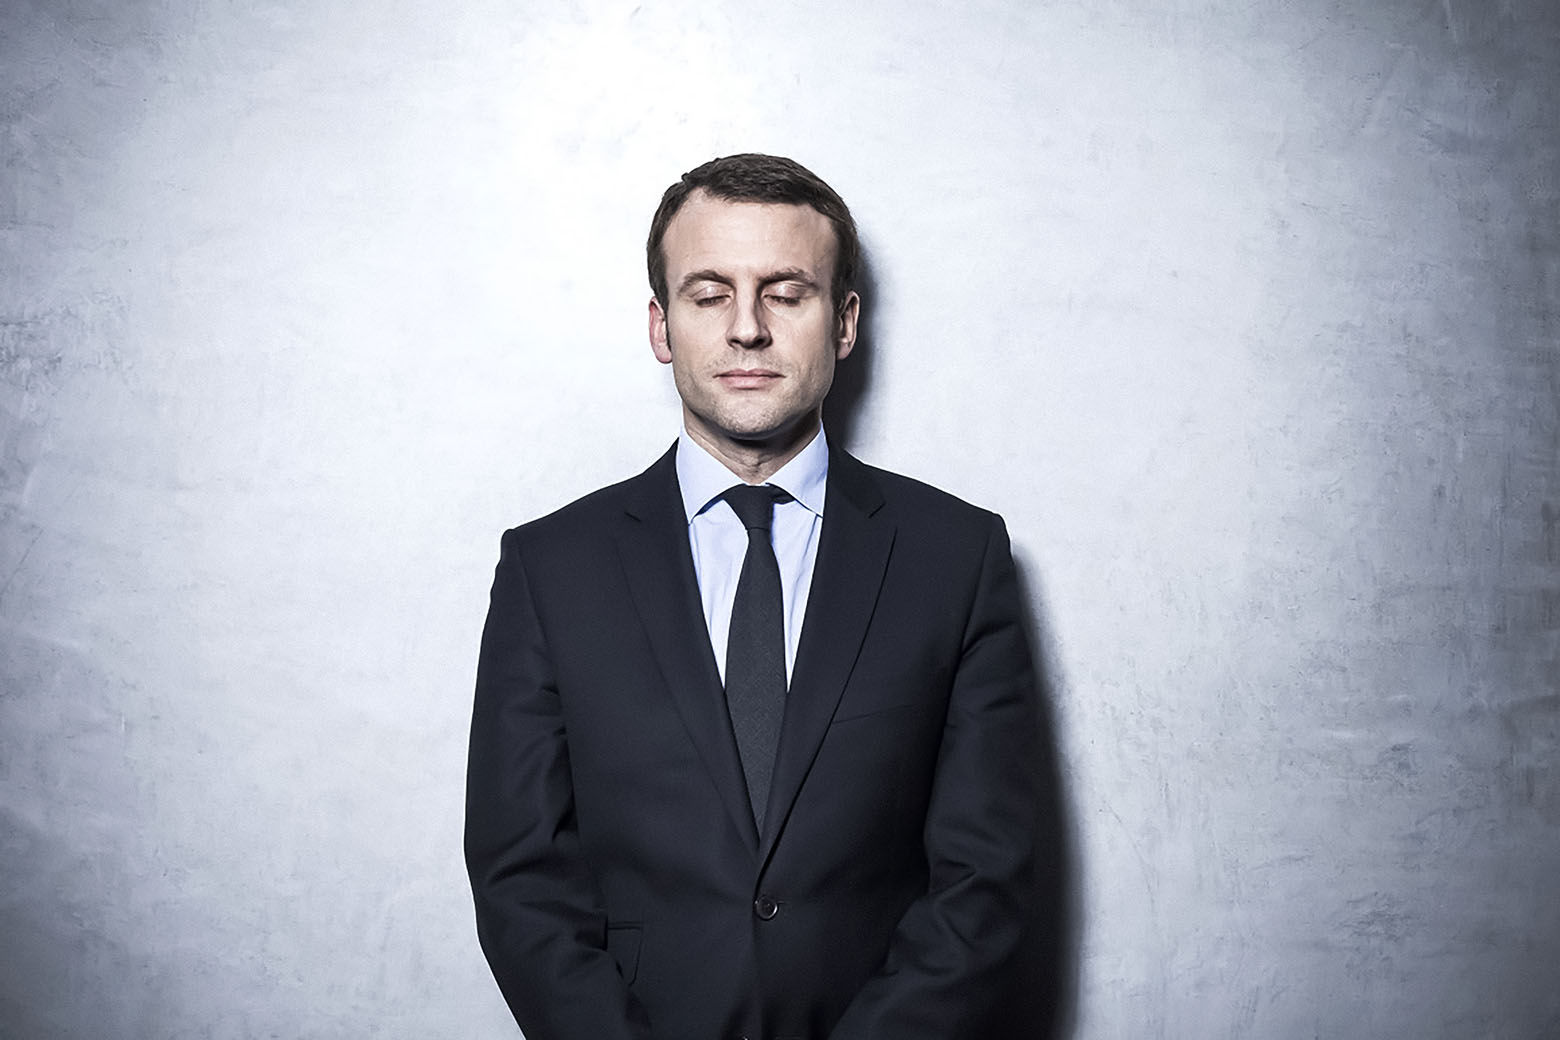 Эммануэль Макрон, лидер движения «Вперед»